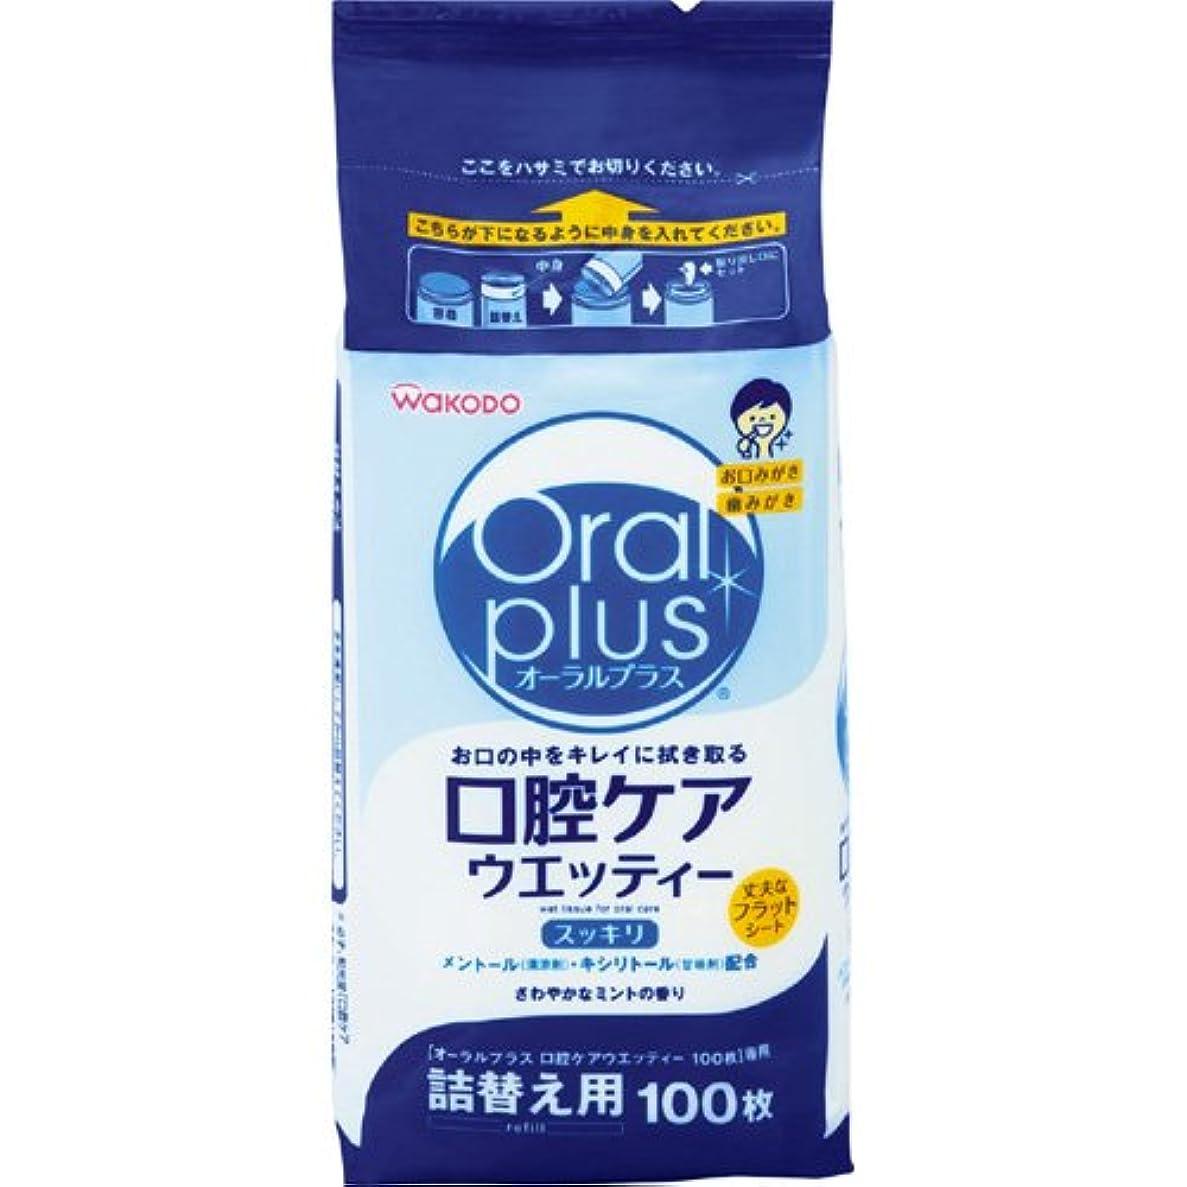 ポーター熟達春オーラルプラス 口腔ケアウエッティー ミントの香り 詰替え用 100枚 1ケース(12個入)